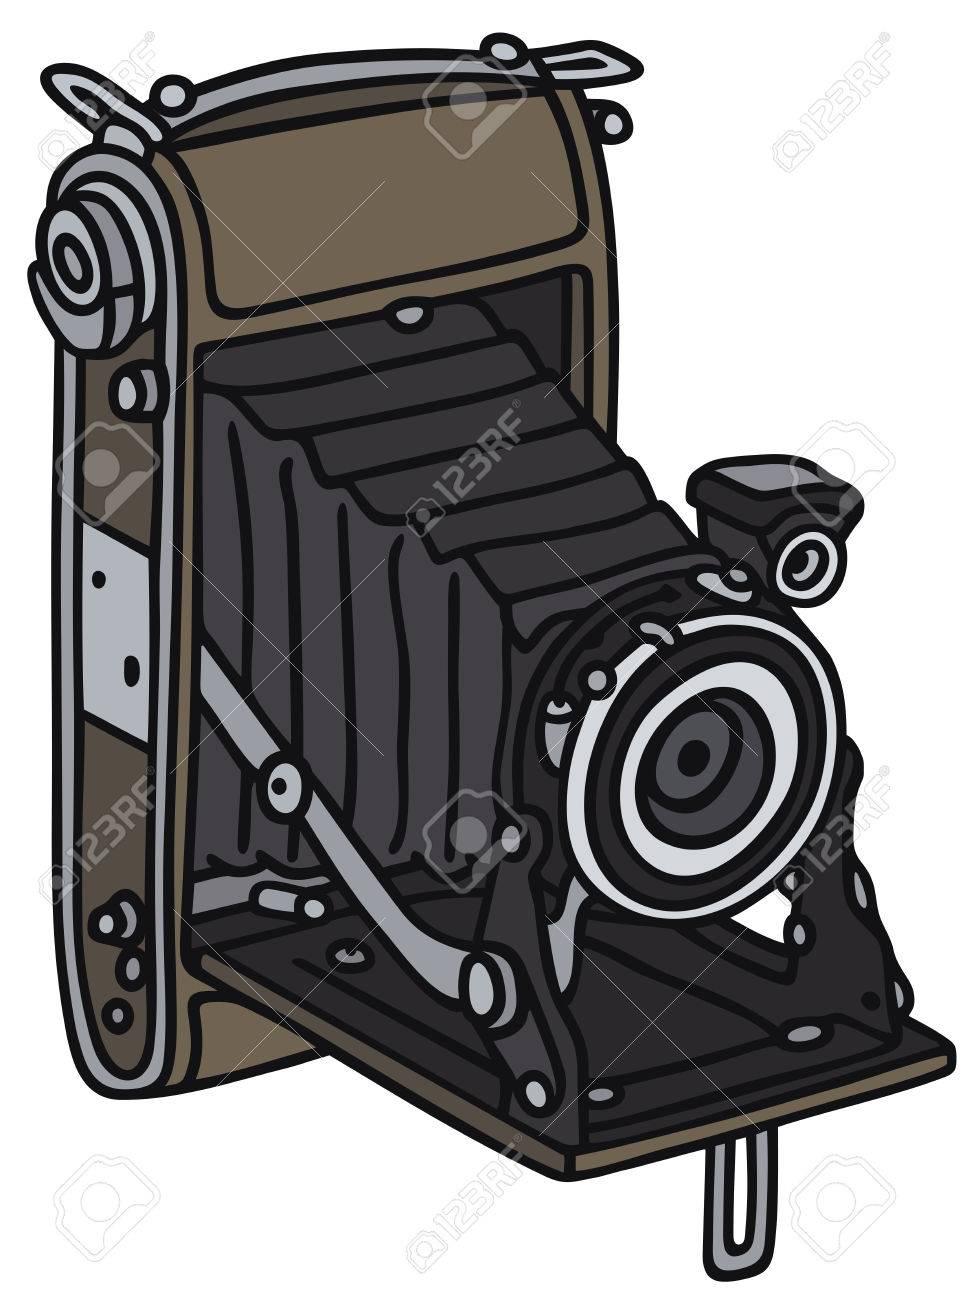 Dessin Appareil Photo dessin à la main d'un appareil photo antique avec soufflet - pas un